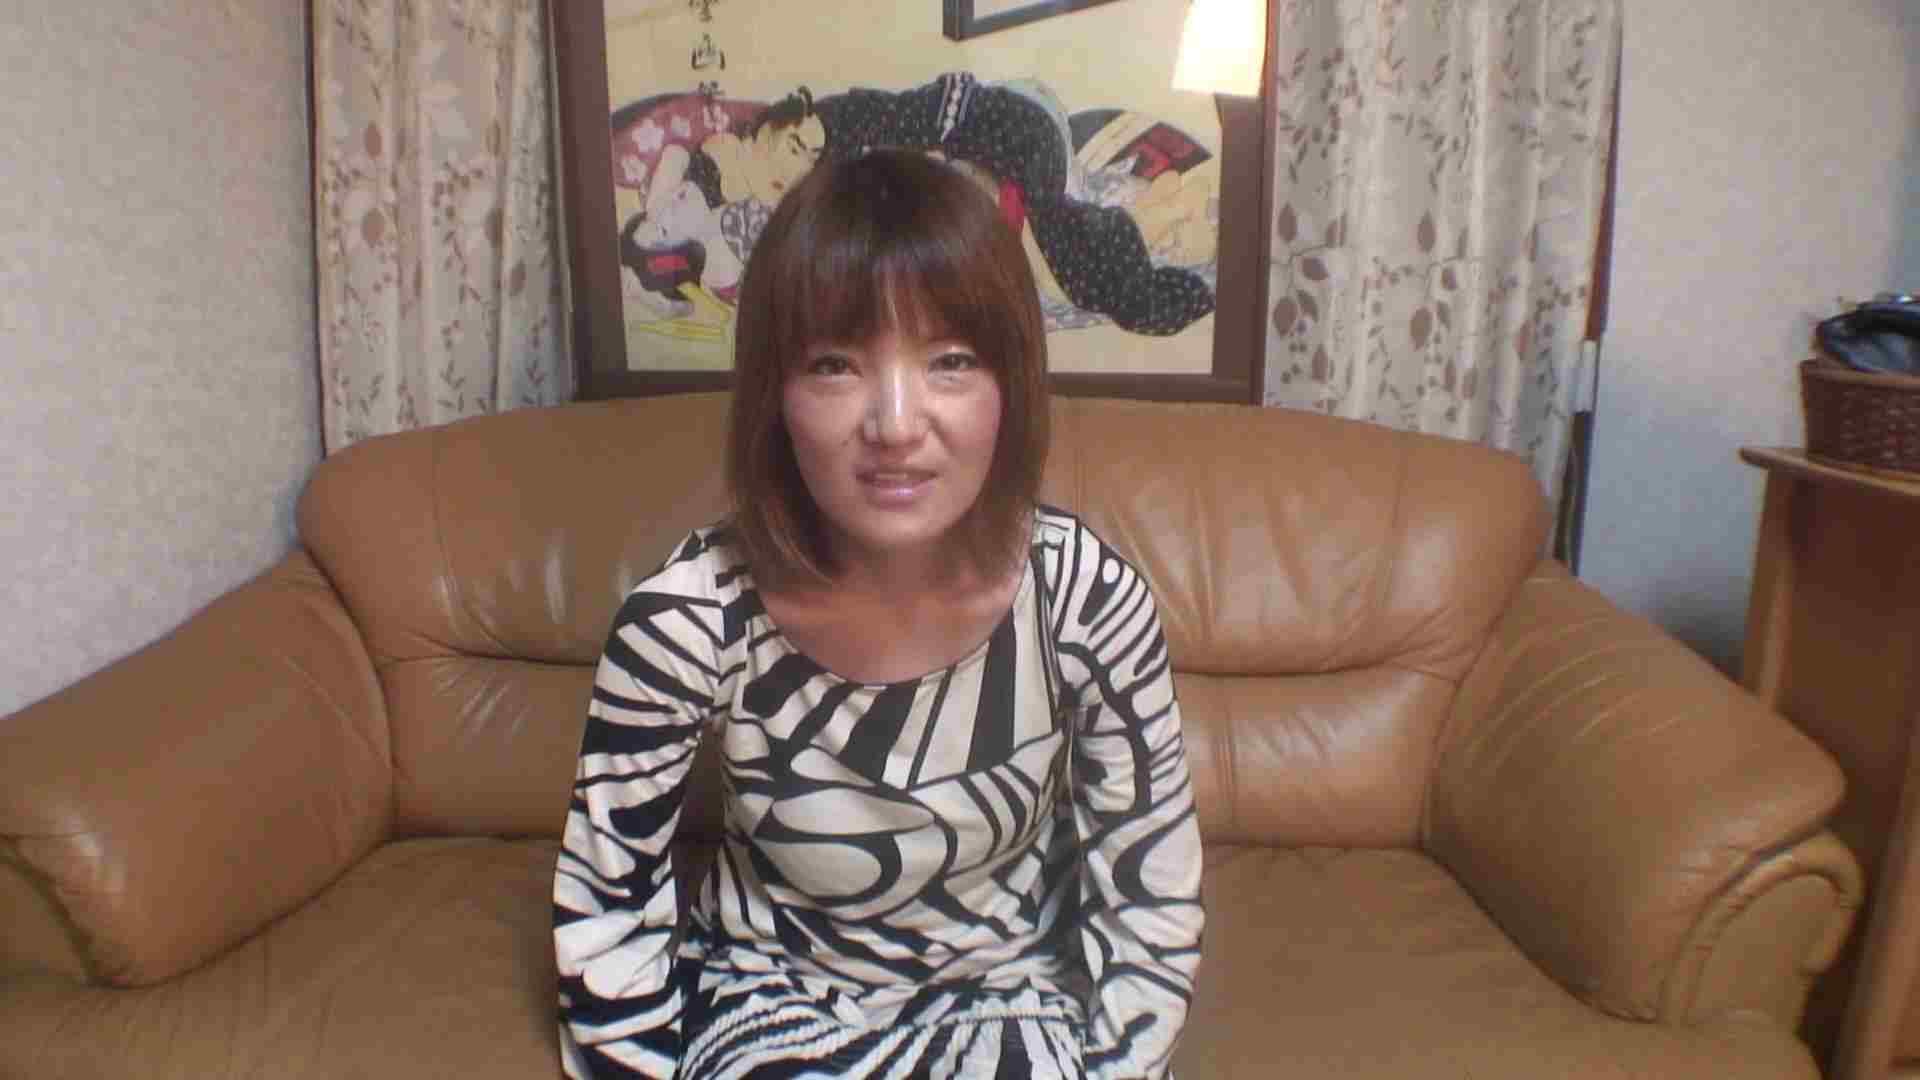 脱肛に悶絶する女序章 アナル AV動画キャプチャ 56画像 20